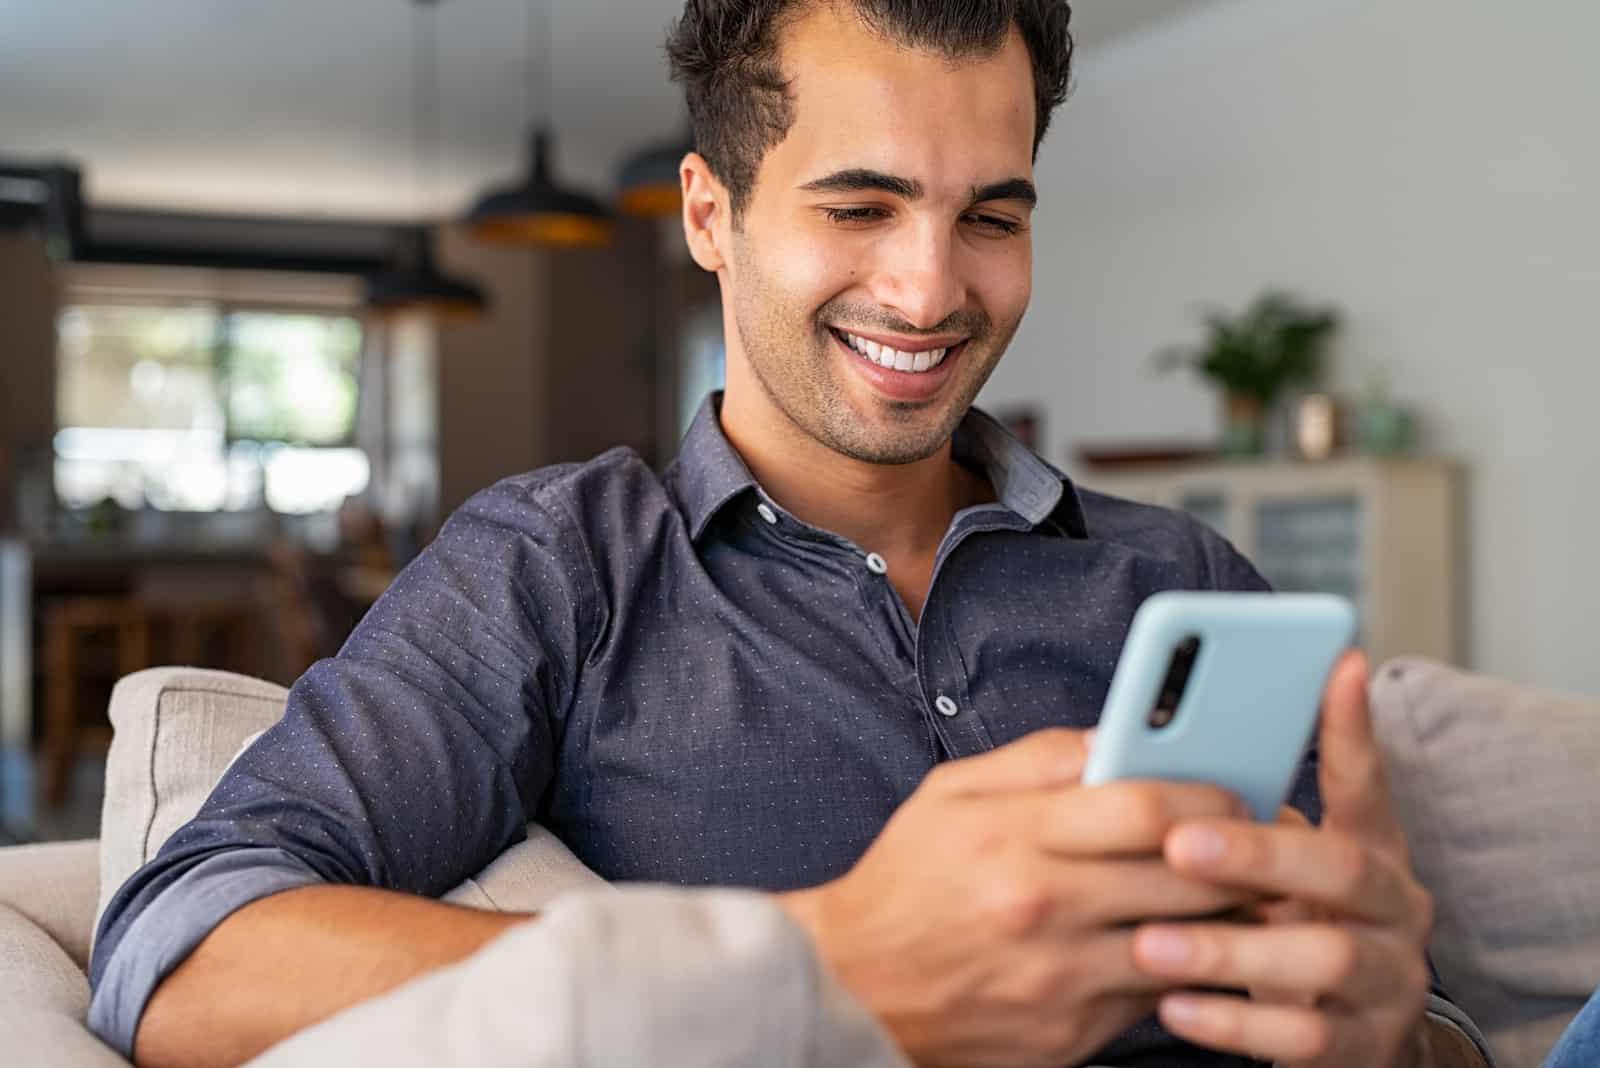 homme souriant, regarde, écran mobile, sur, sofa